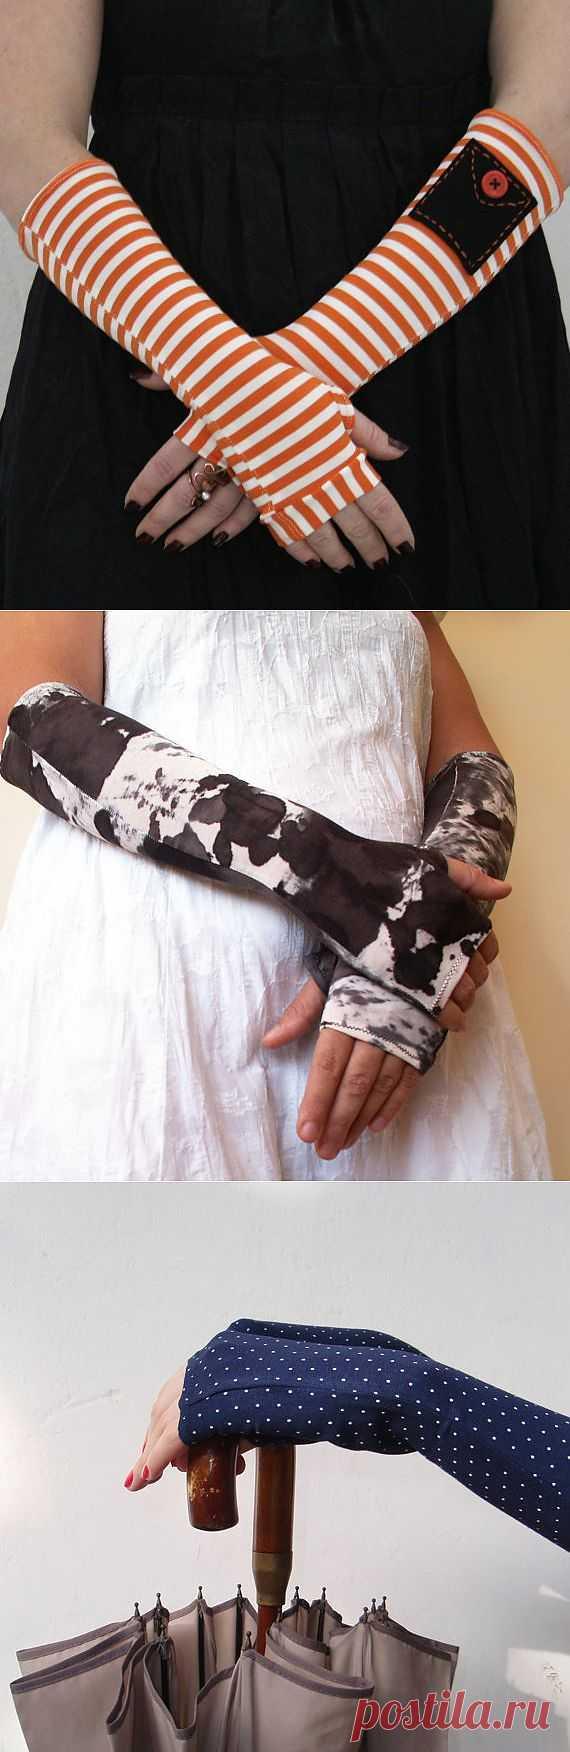 Митенки WearMeUp (подборка) / Перчатки и варежки / Модный сайт о стильной переделке одежды и интерьера